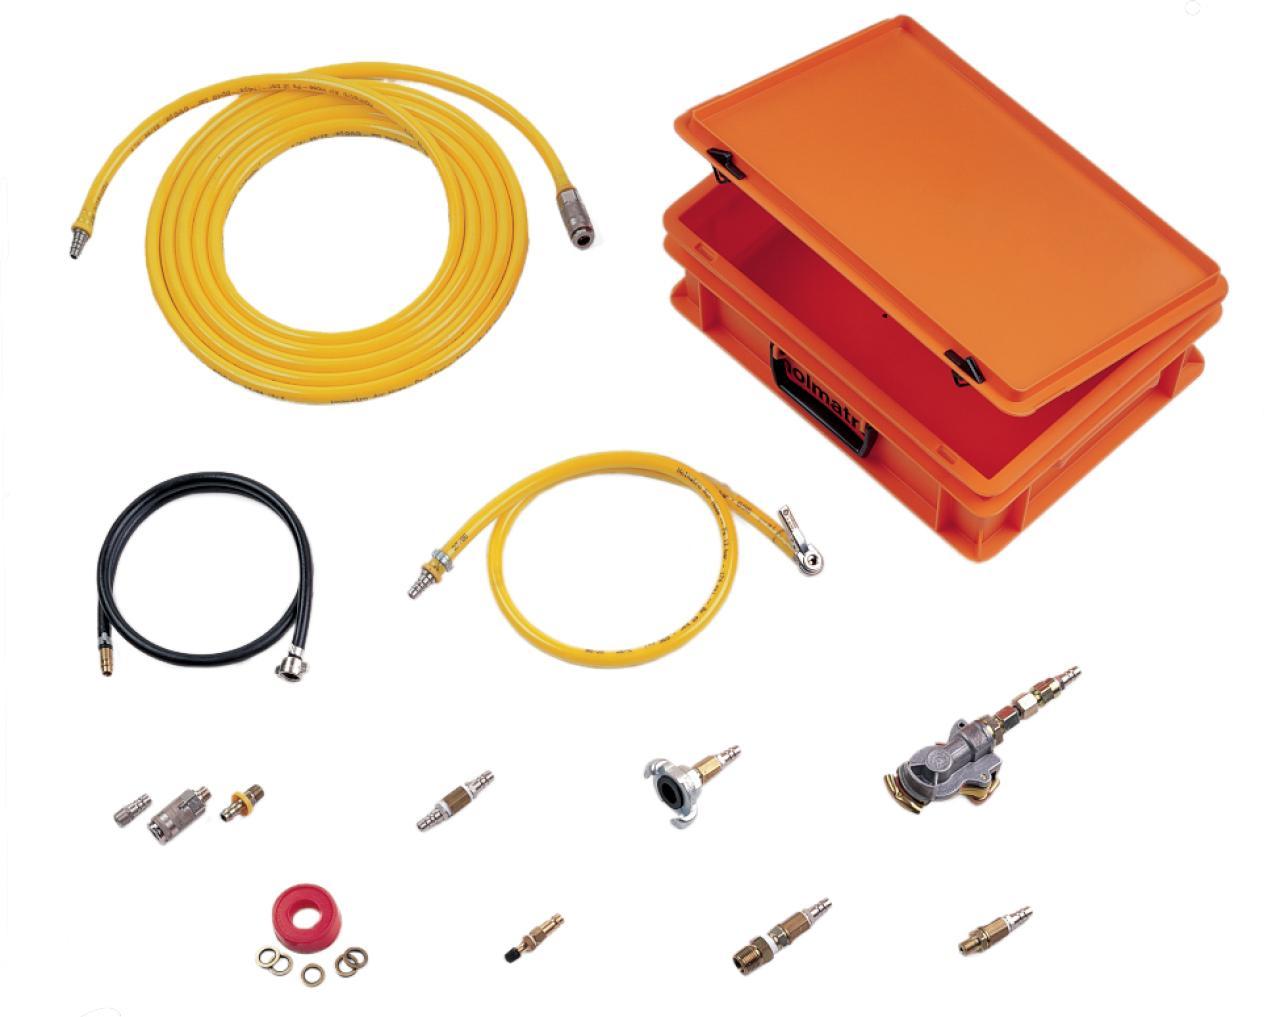 Universal Adapter Set UAS 10